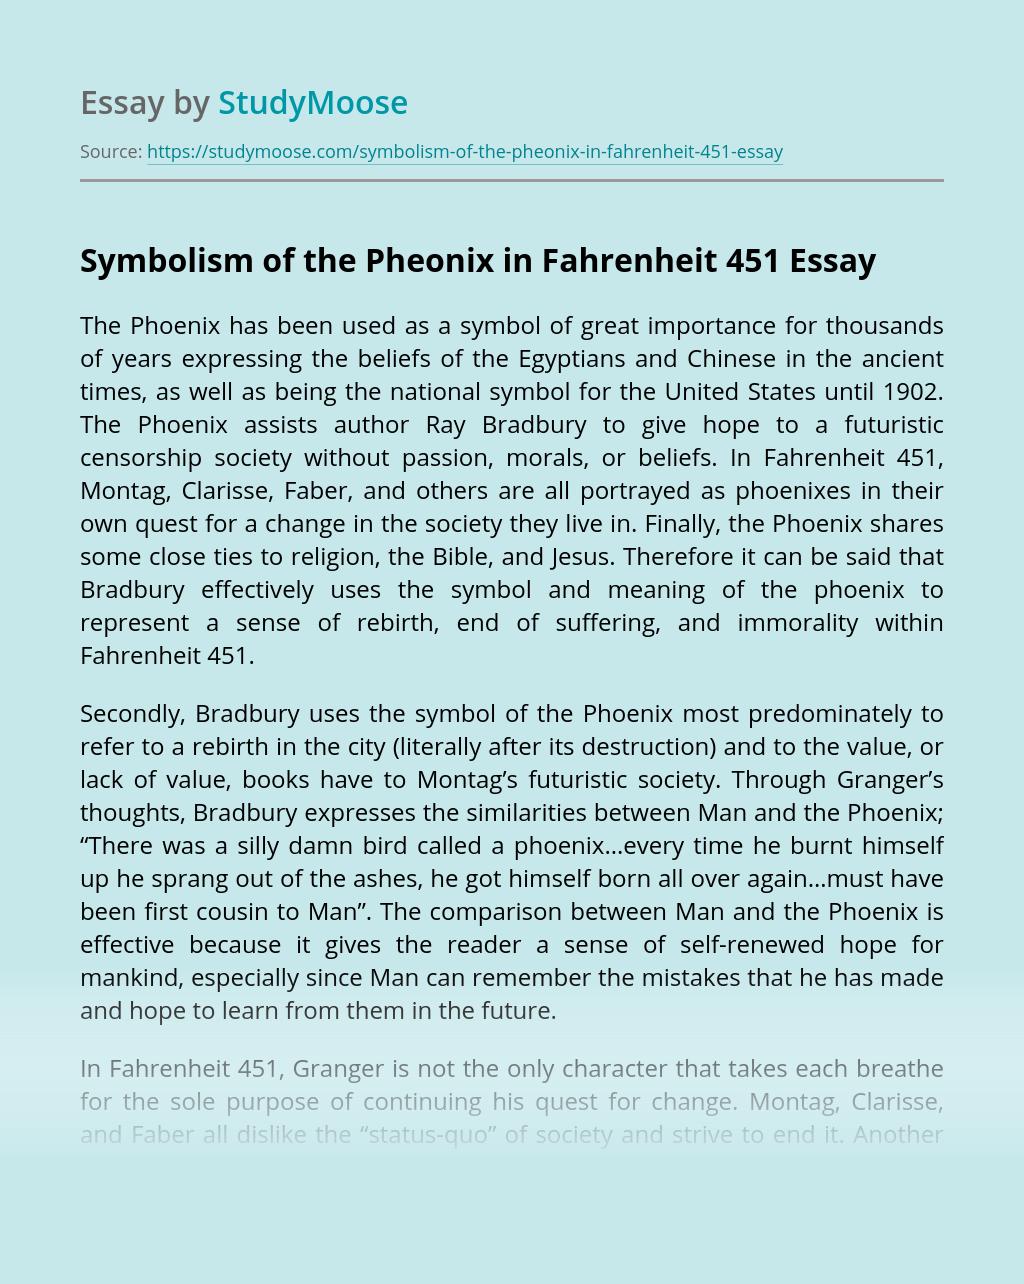 Symbolism of the Pheonix in Fahrenheit 451